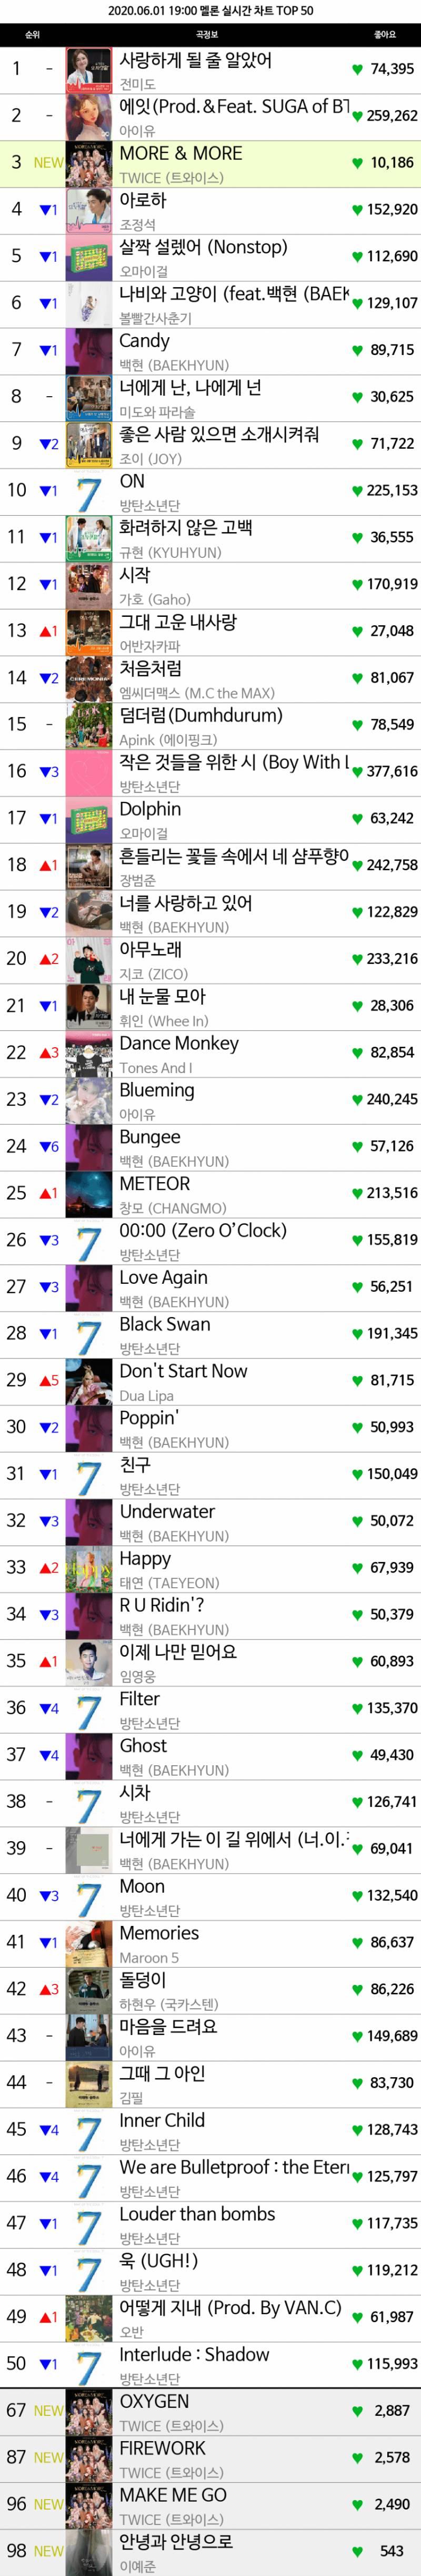 멜론 19시차트 TOP50.jpg (트와이스 진입) | 인스티즈